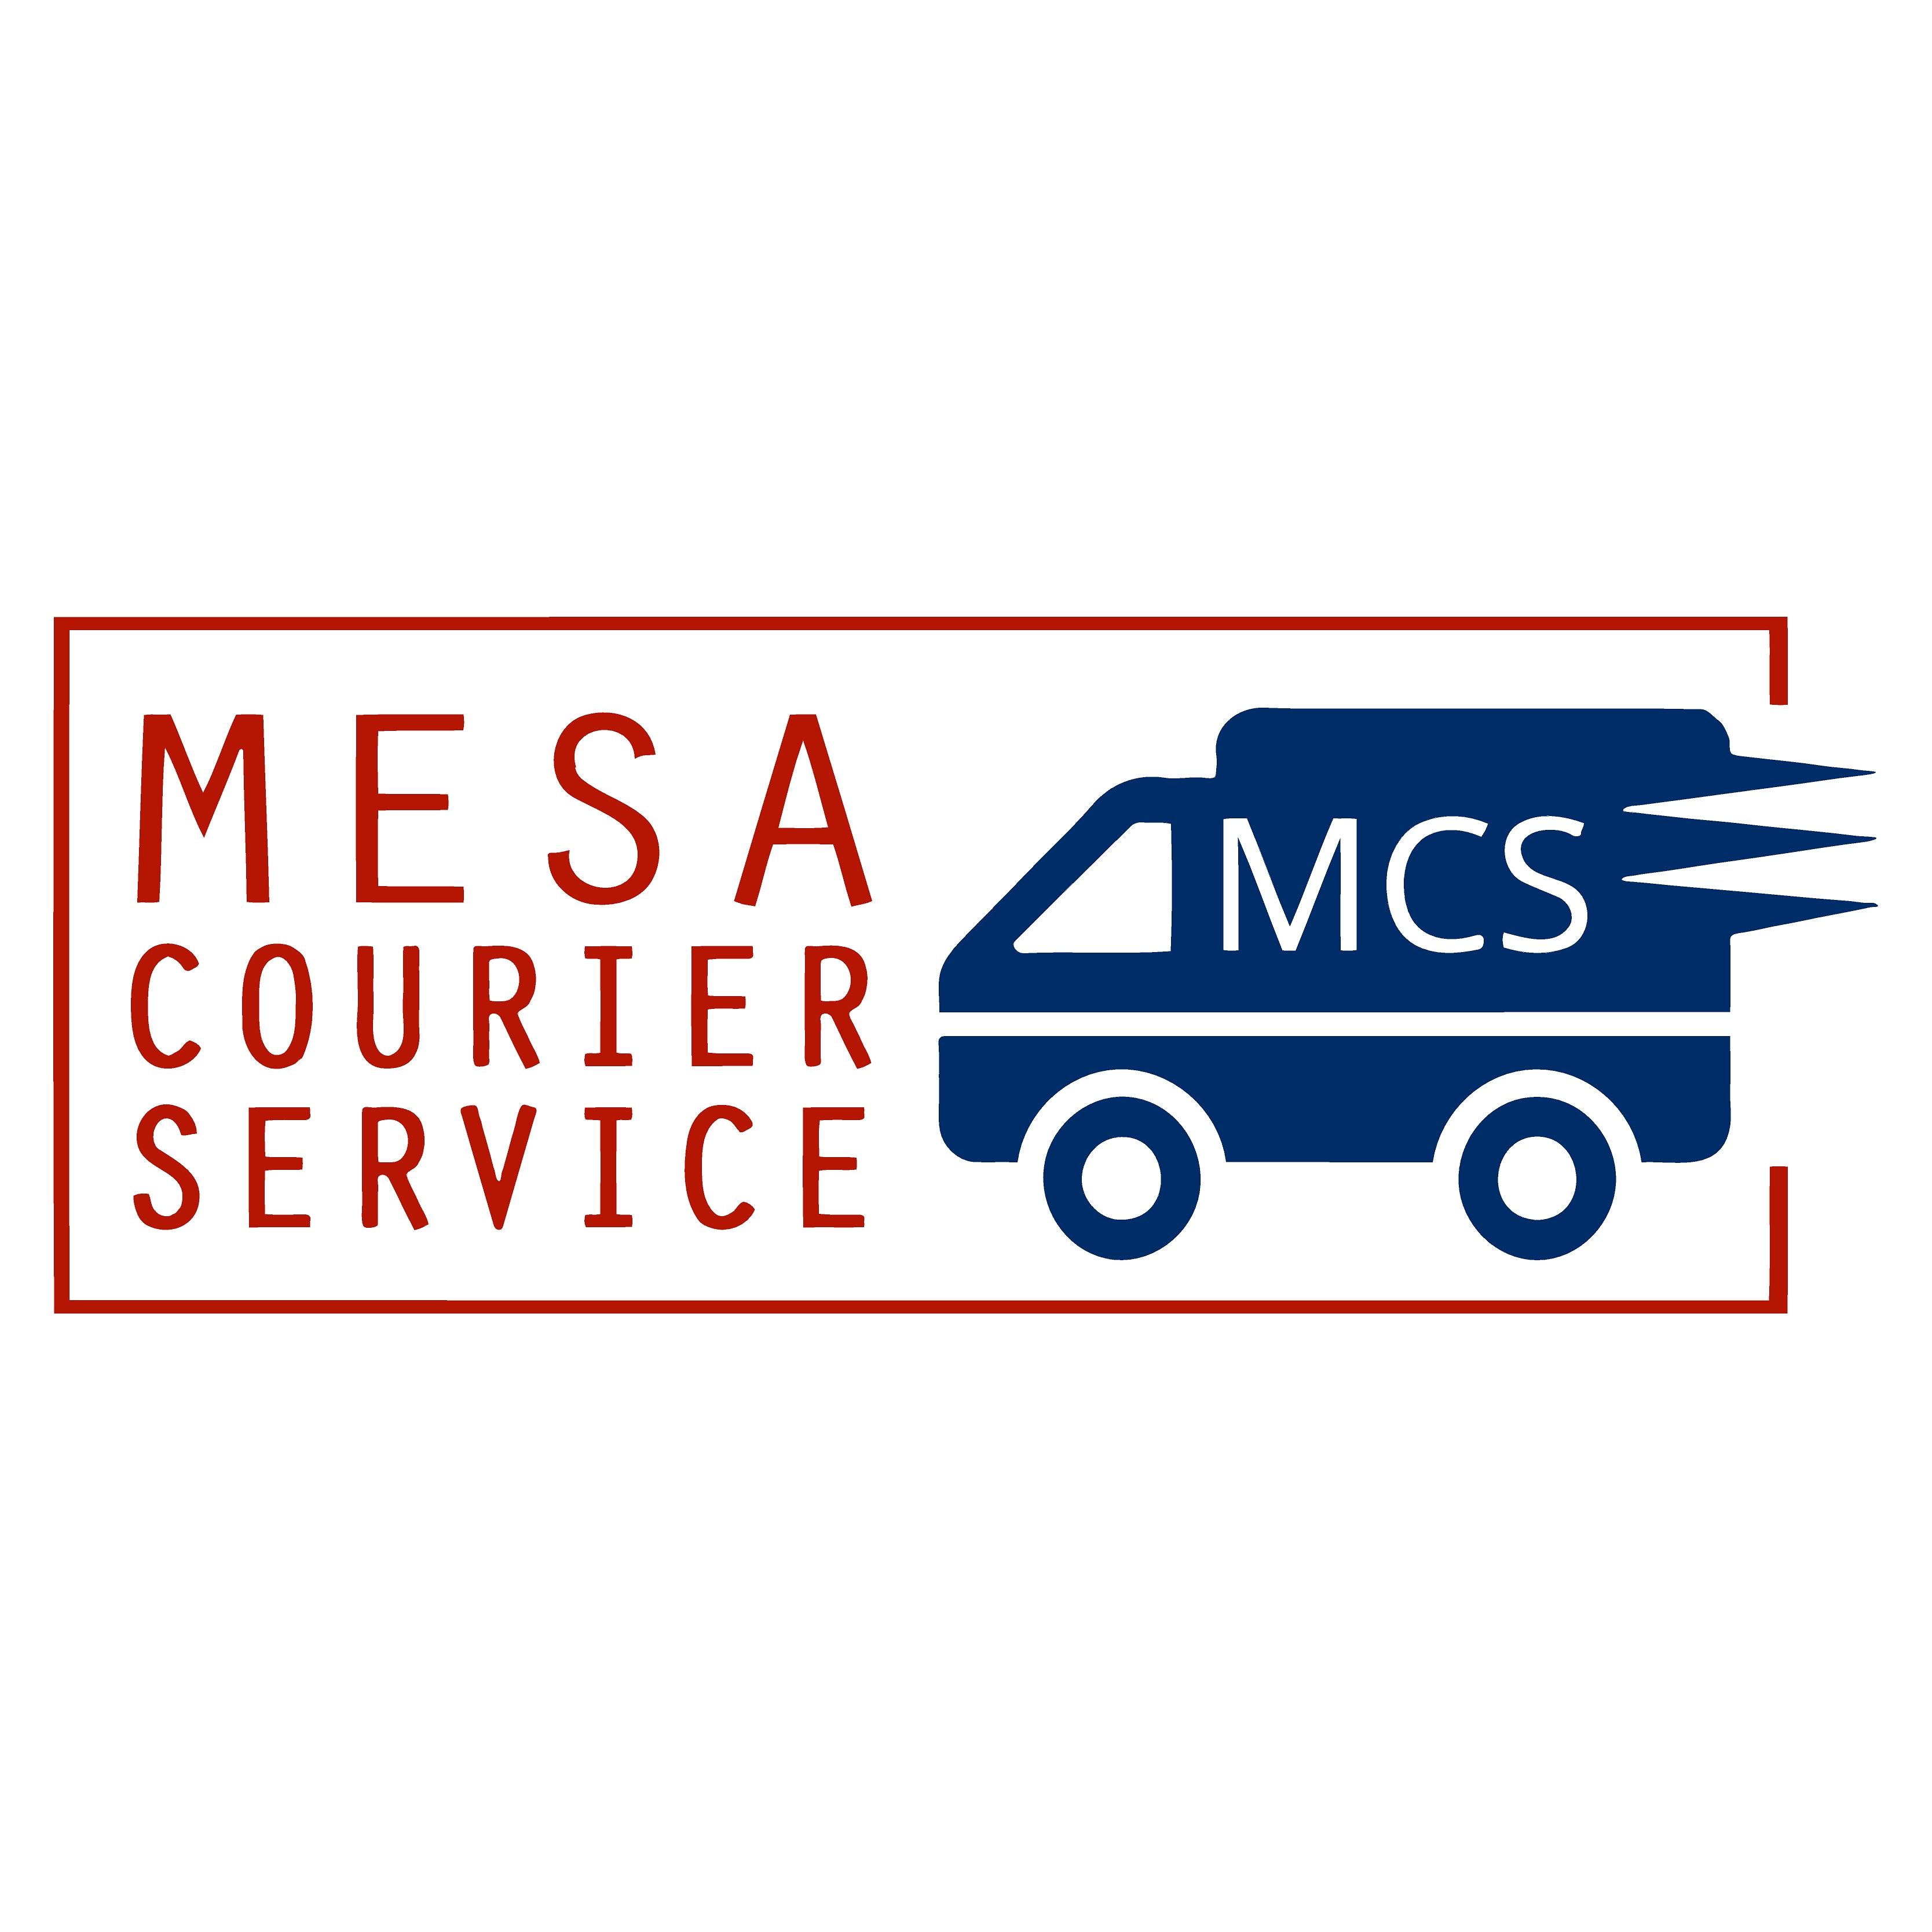 Jason West, Mesa Courier Service (Google Review)